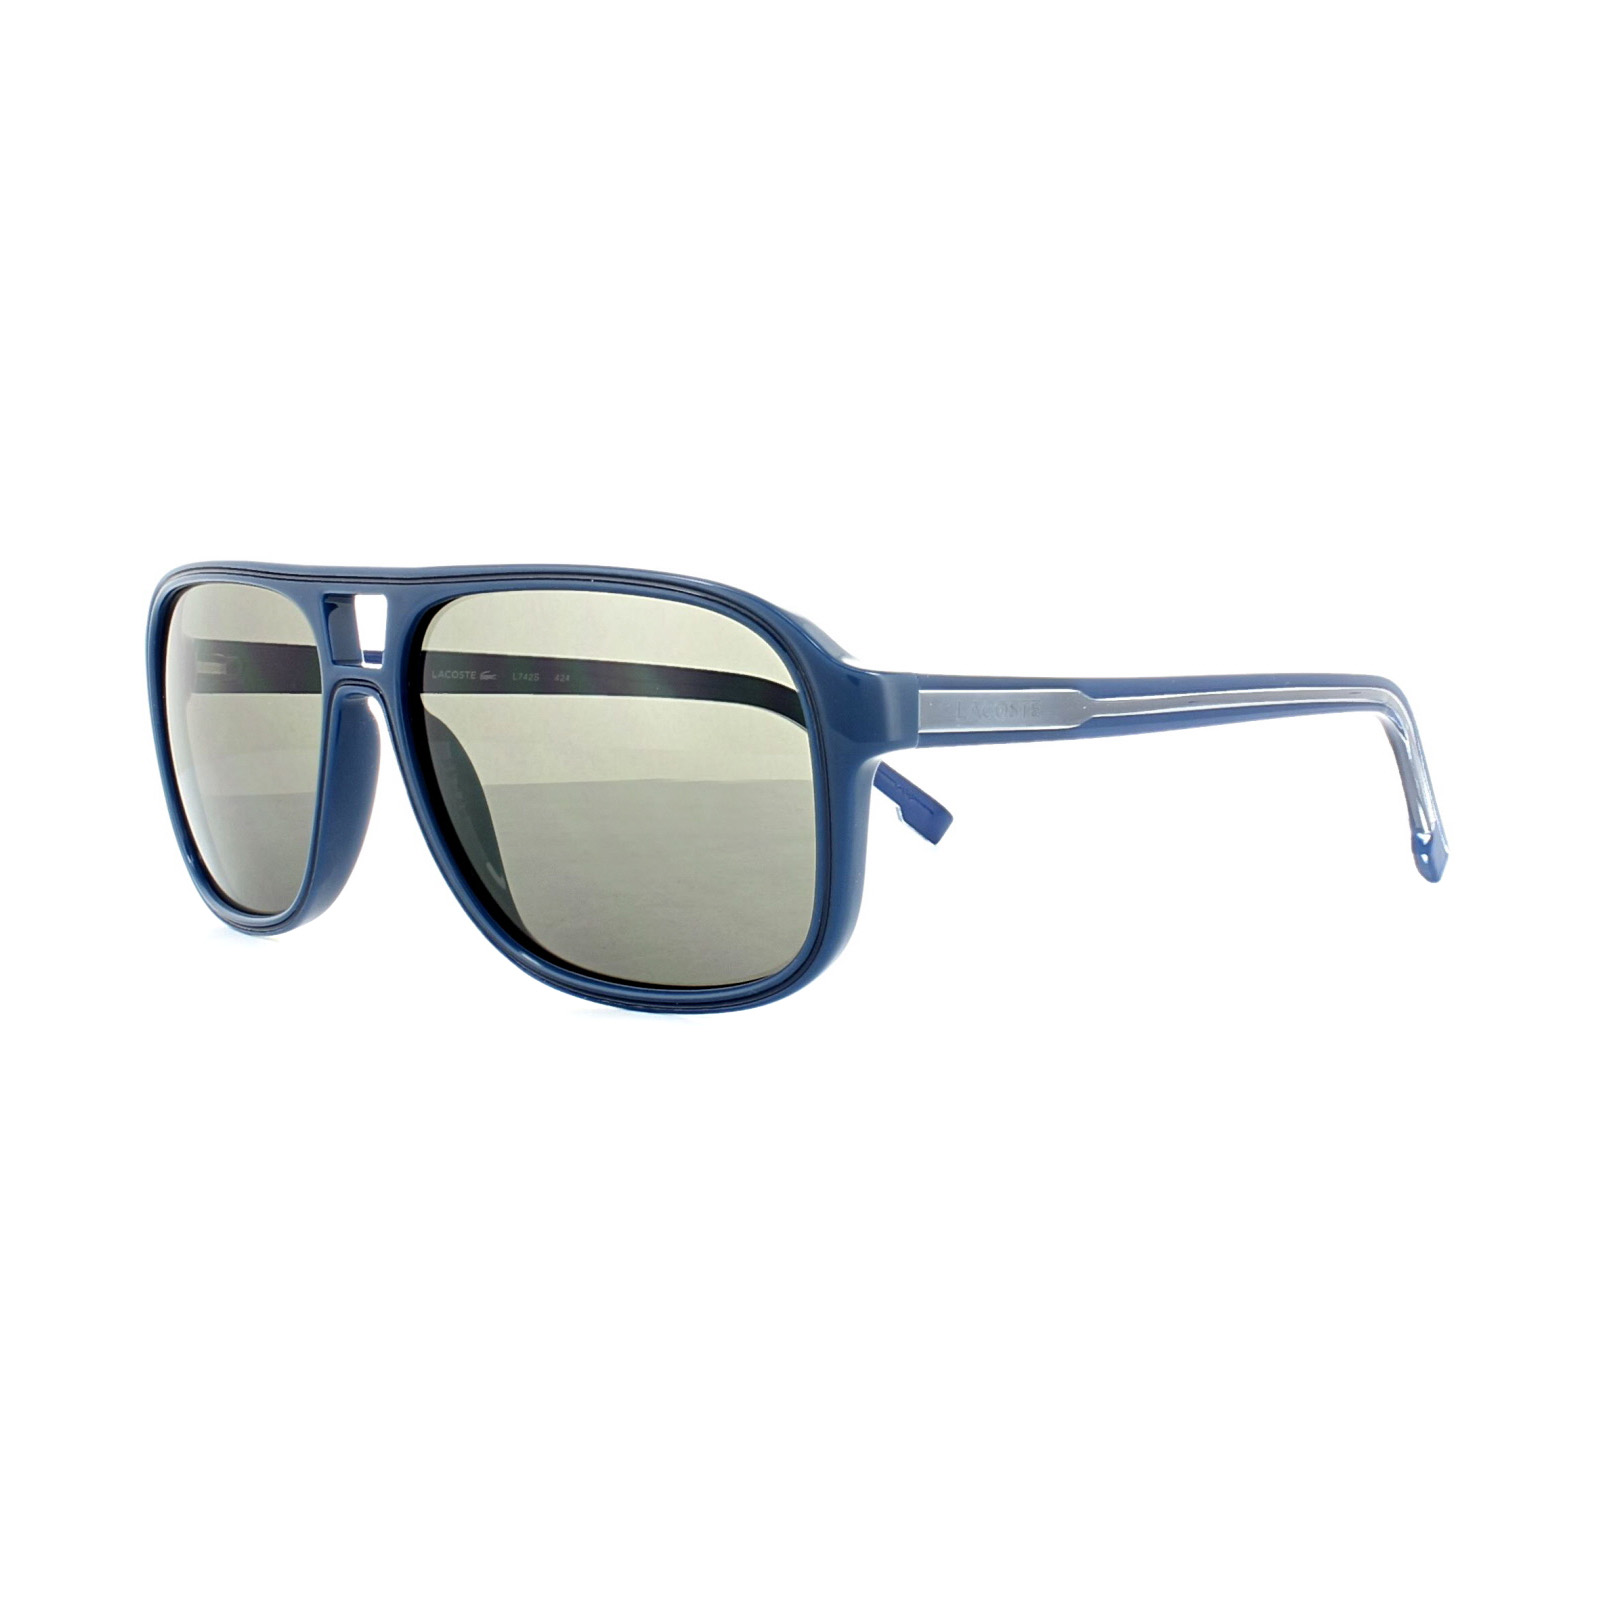 f22a2ff12 Details about Lacoste Sunglasses L742S 424 Blue Grey